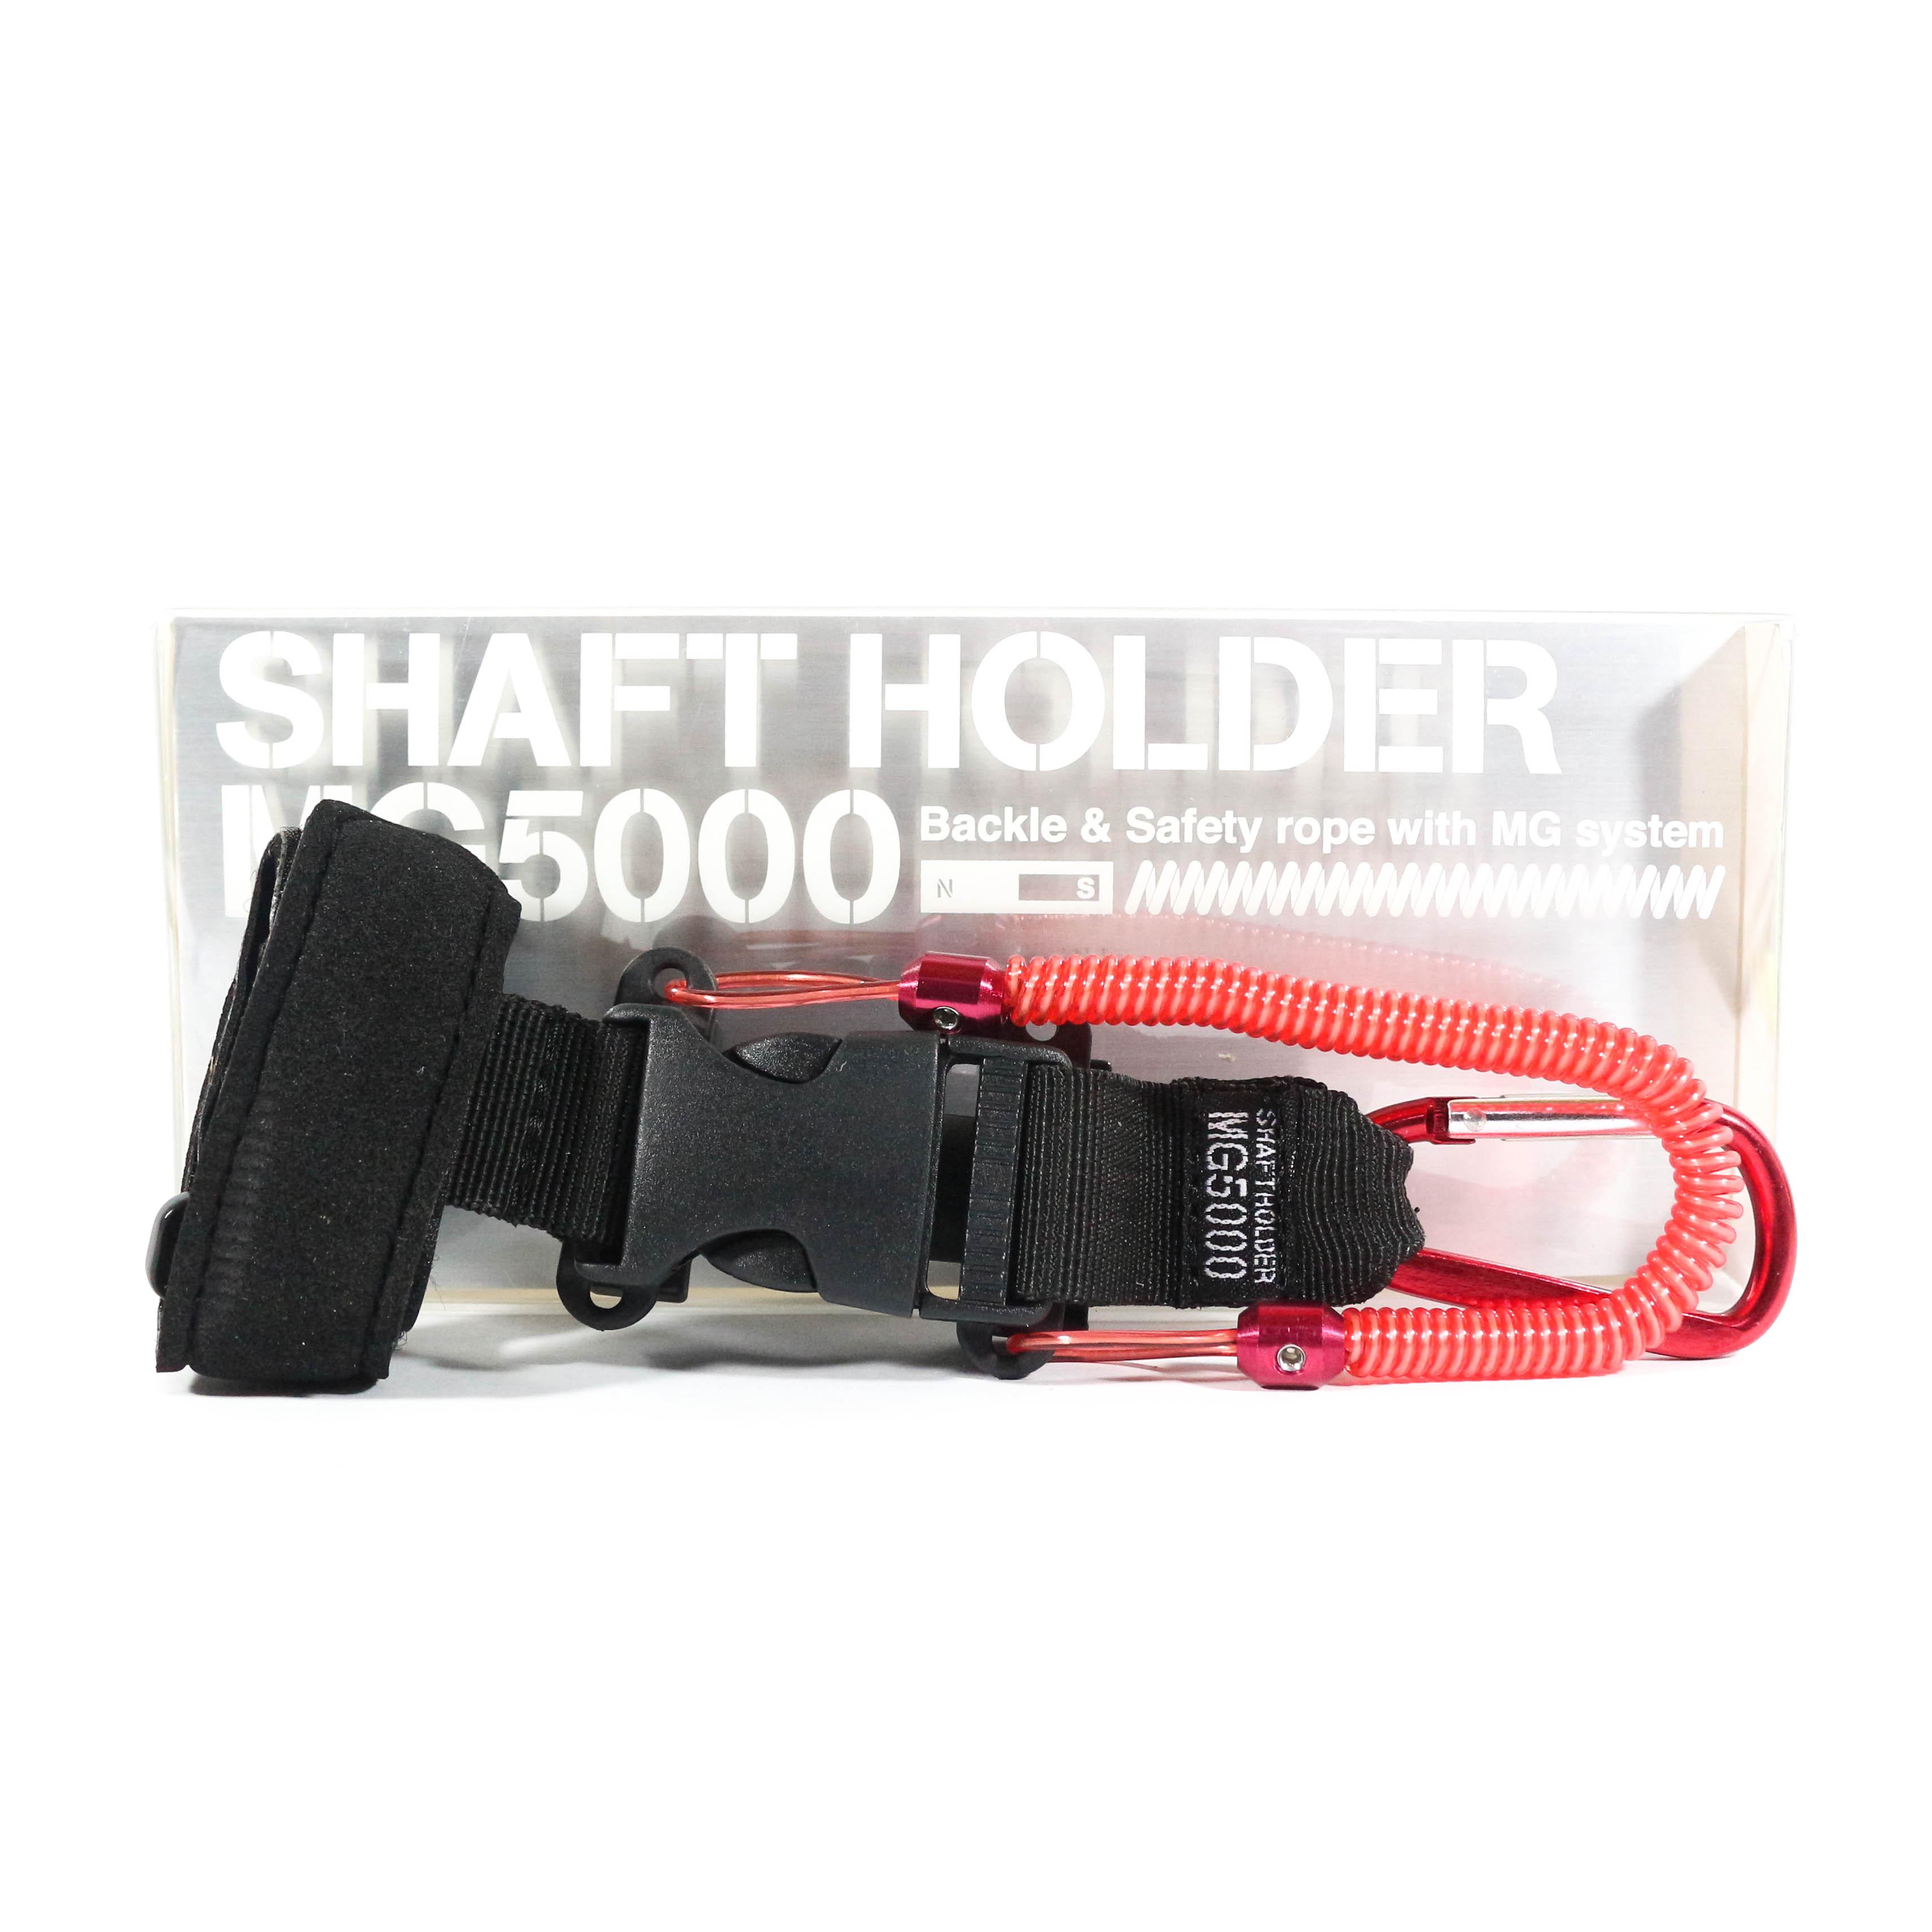 Daiichi #33157 Shaft Holder MG 3500 Safety Rope Magnet System 120 cm (1577)